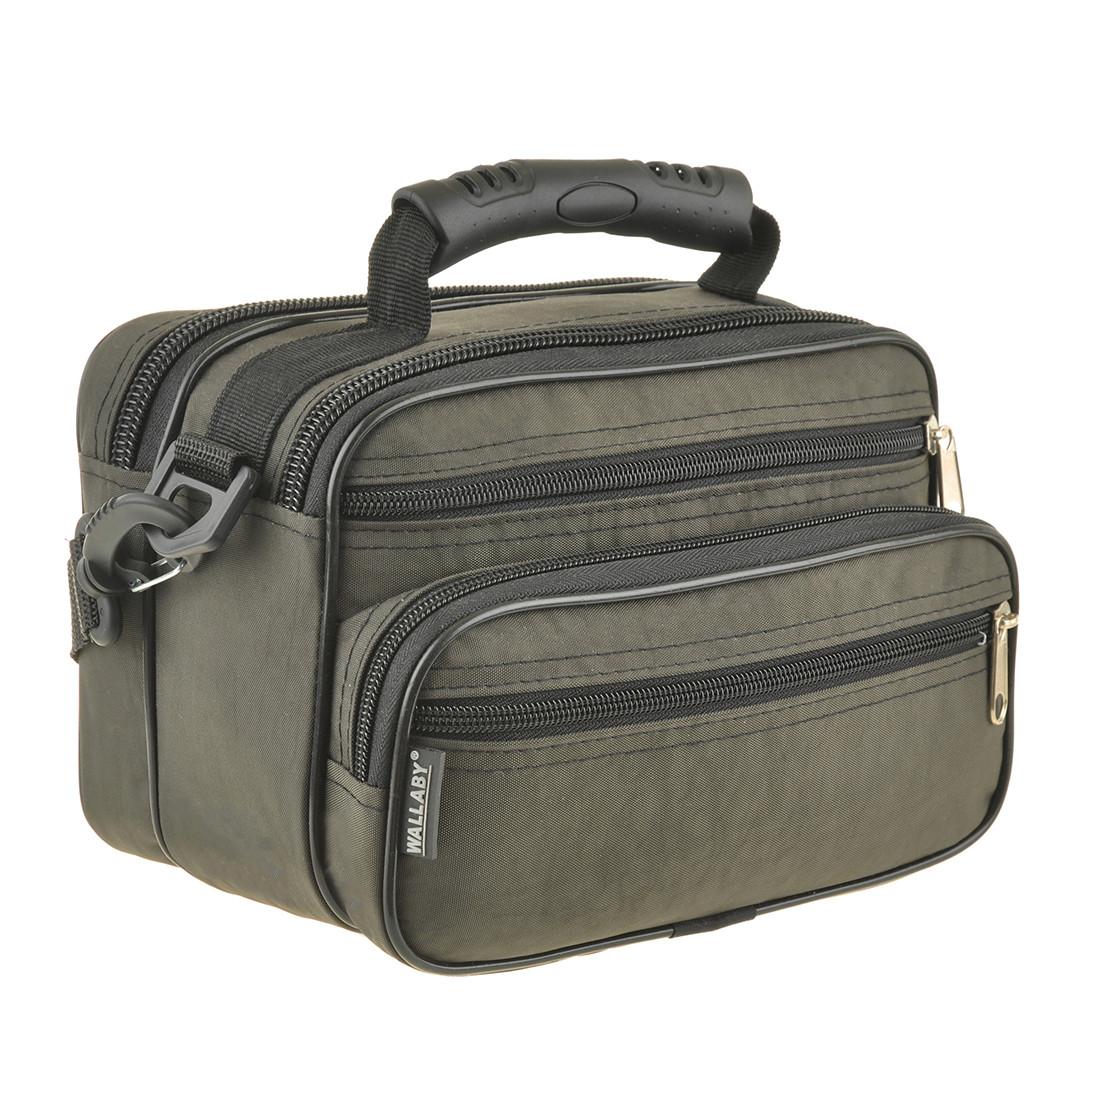 Чоловіча сумка Wallaby 24х17х15 горизонтальна колір хакі, тканина «Кордура» в21231х